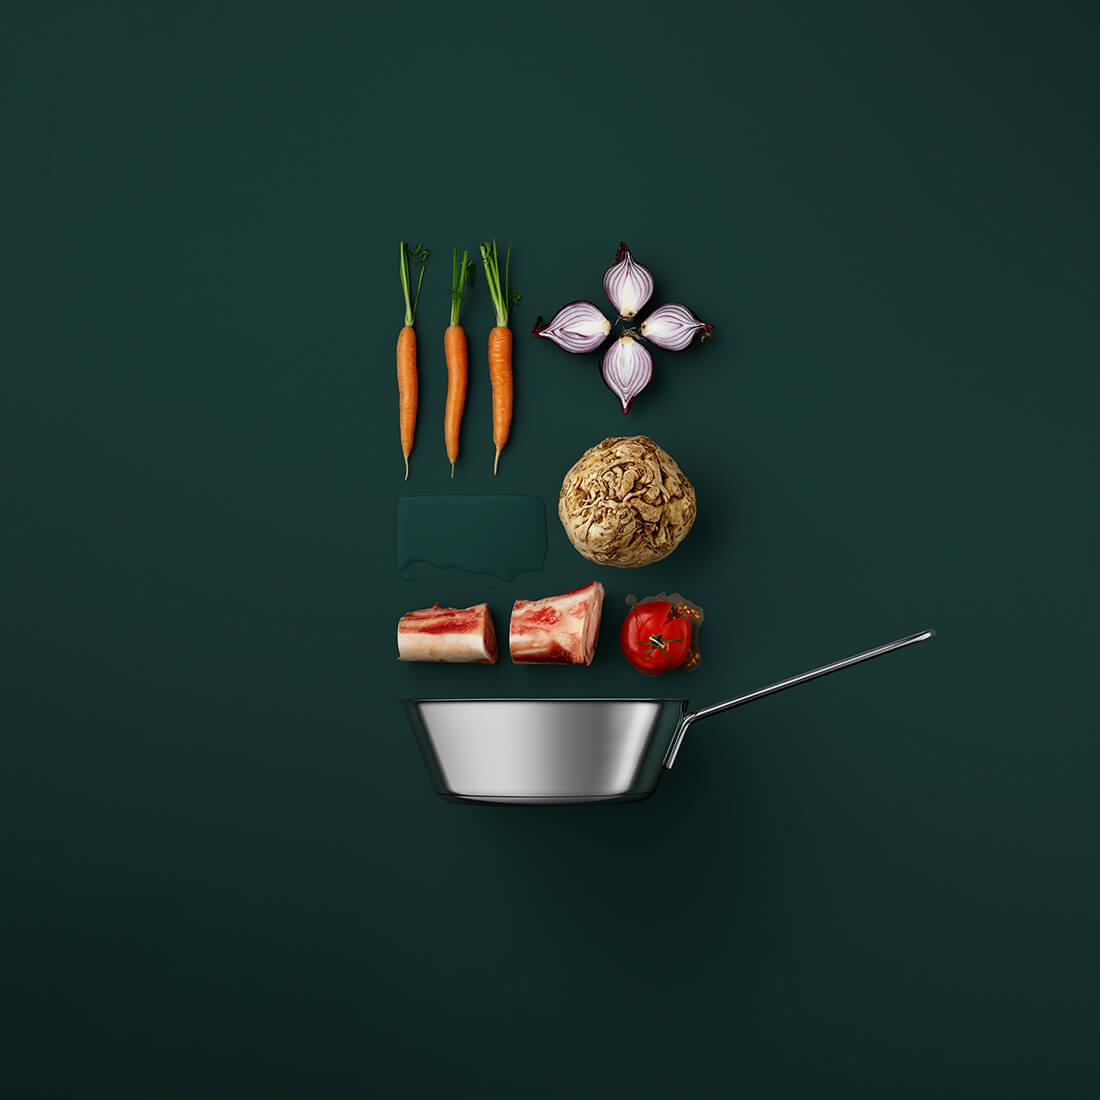 Рецепты из компонентов еды, Стильные фото 1